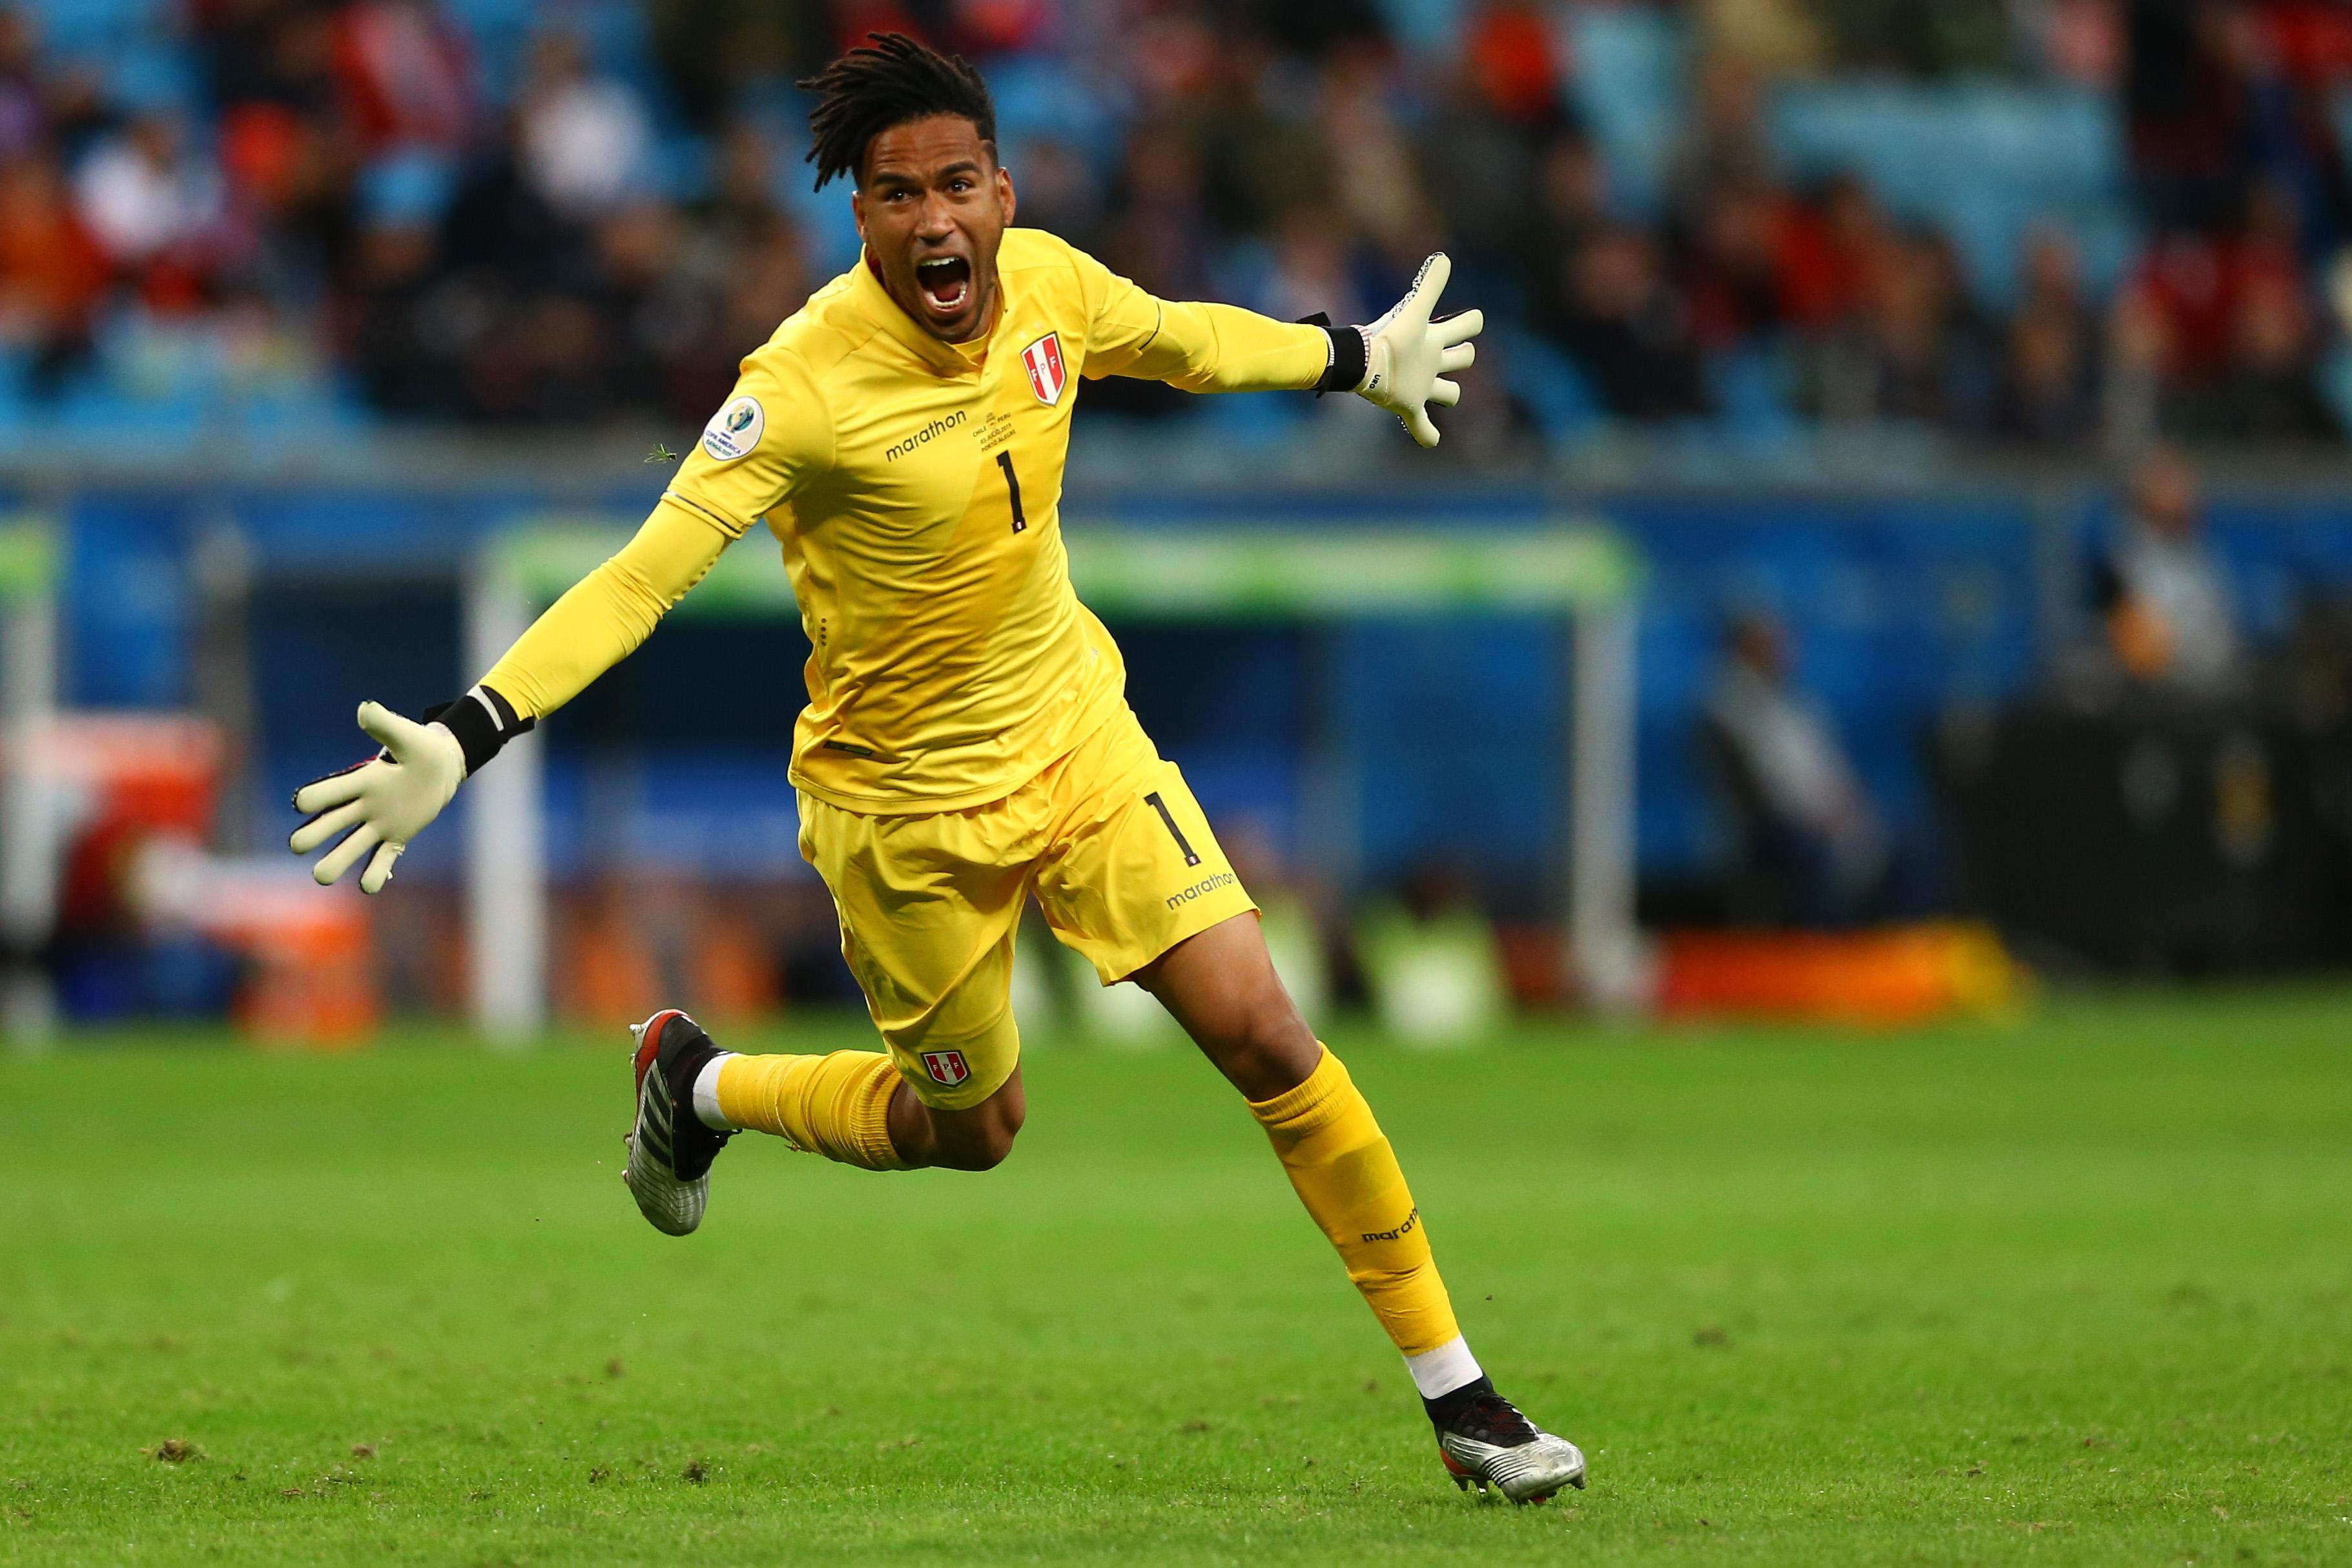 Le Pérou voit triple et affrontera le Brésil en finale — Copa America